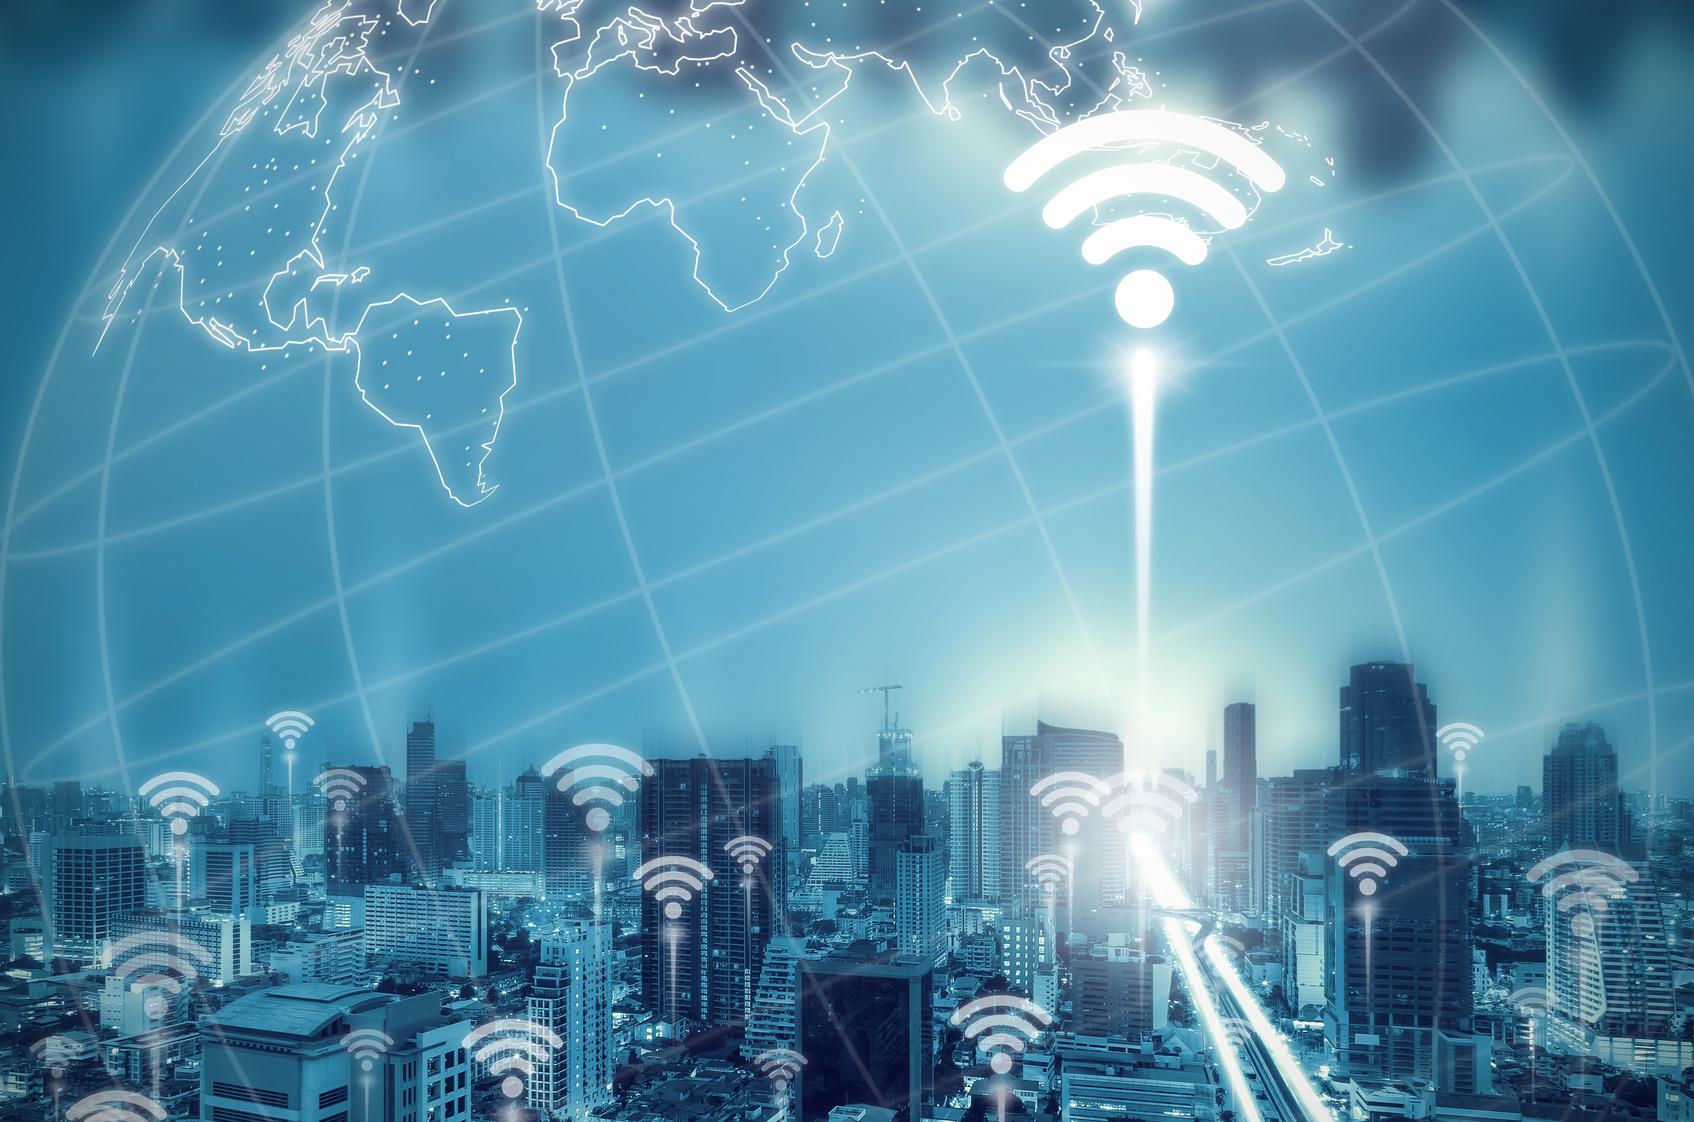 ¿A un paso más cerca del Wi-Fi Universal?